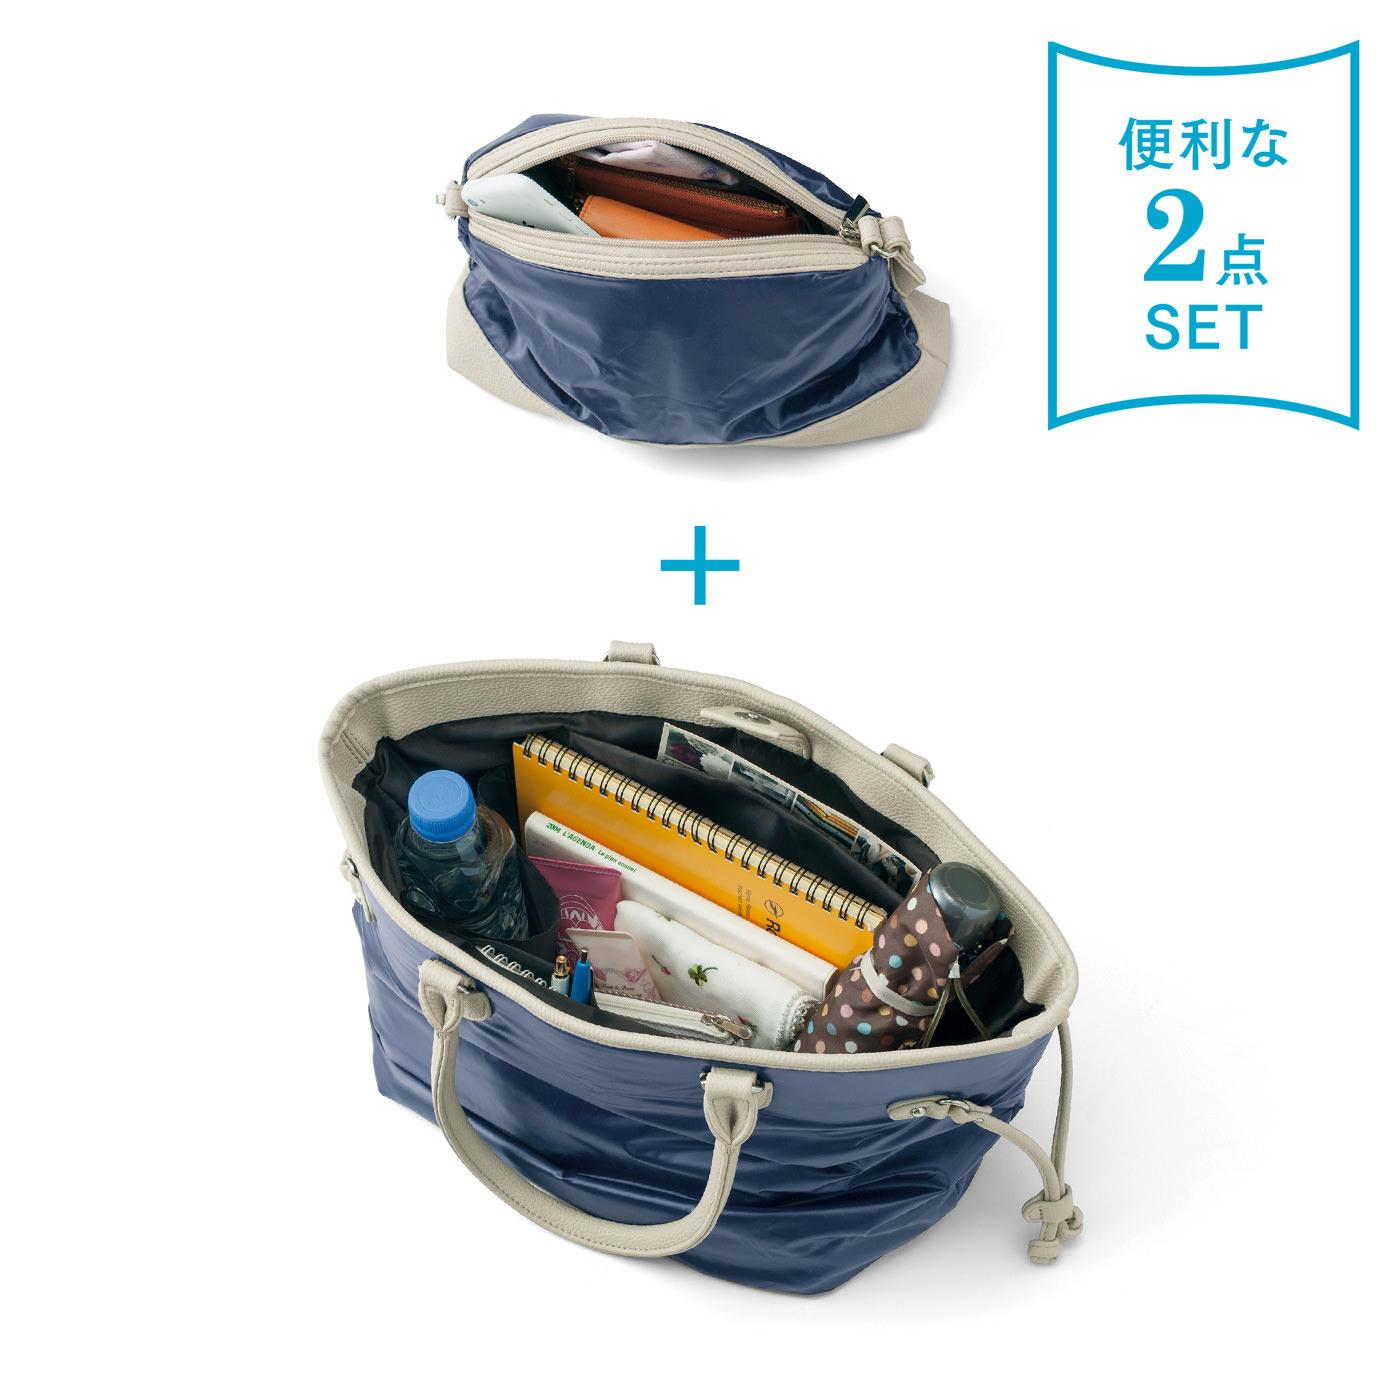 お昼休みや移動の時は、サッとミニバッグだけで。トートバッグは内ポケットも充実!